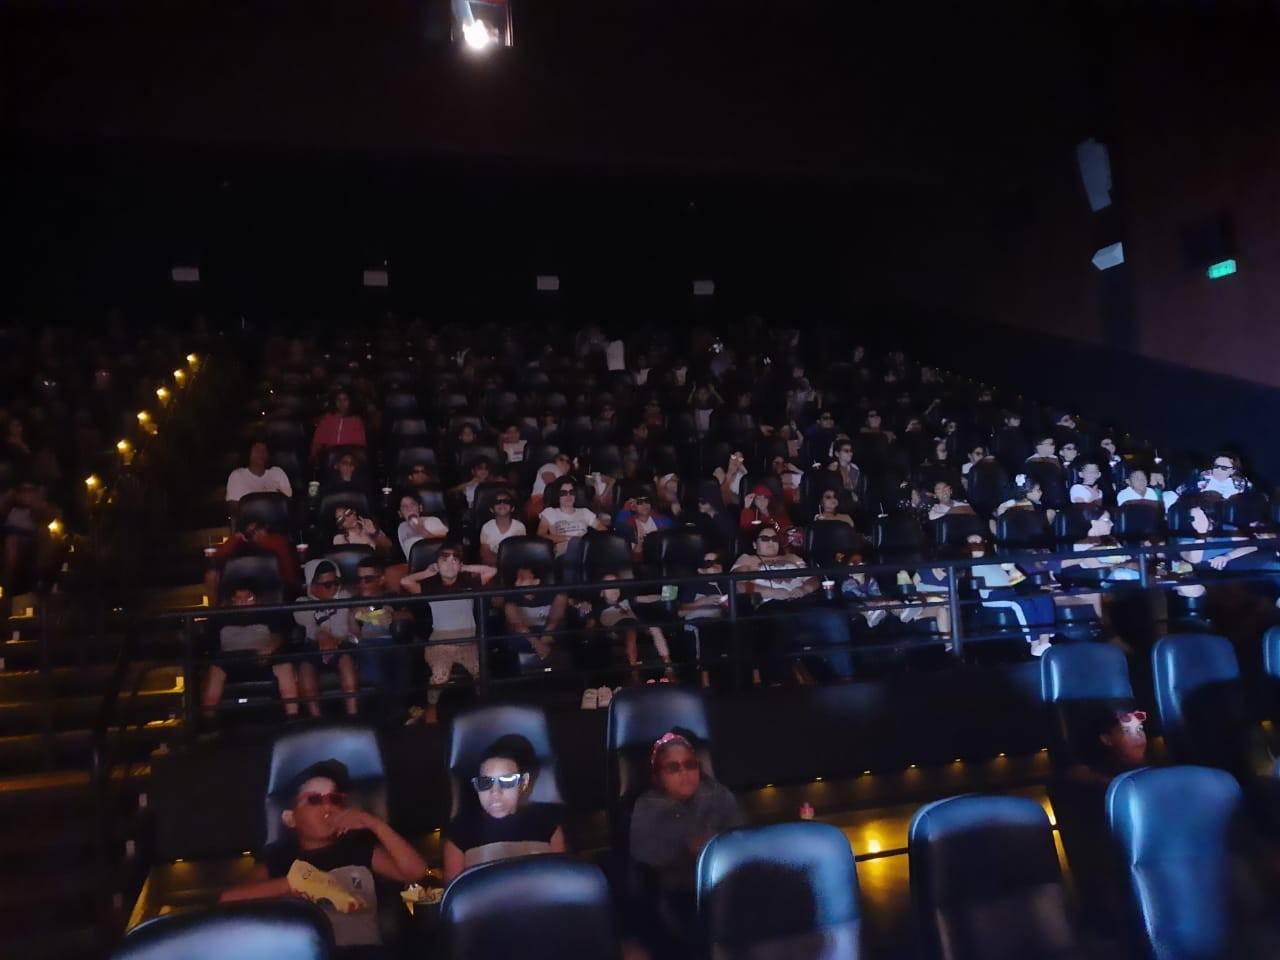 'Emoção única': salas de cinema recebem 400 crianças de escolas públicas e instituições de Natal  - Notícias - Plantão Diário